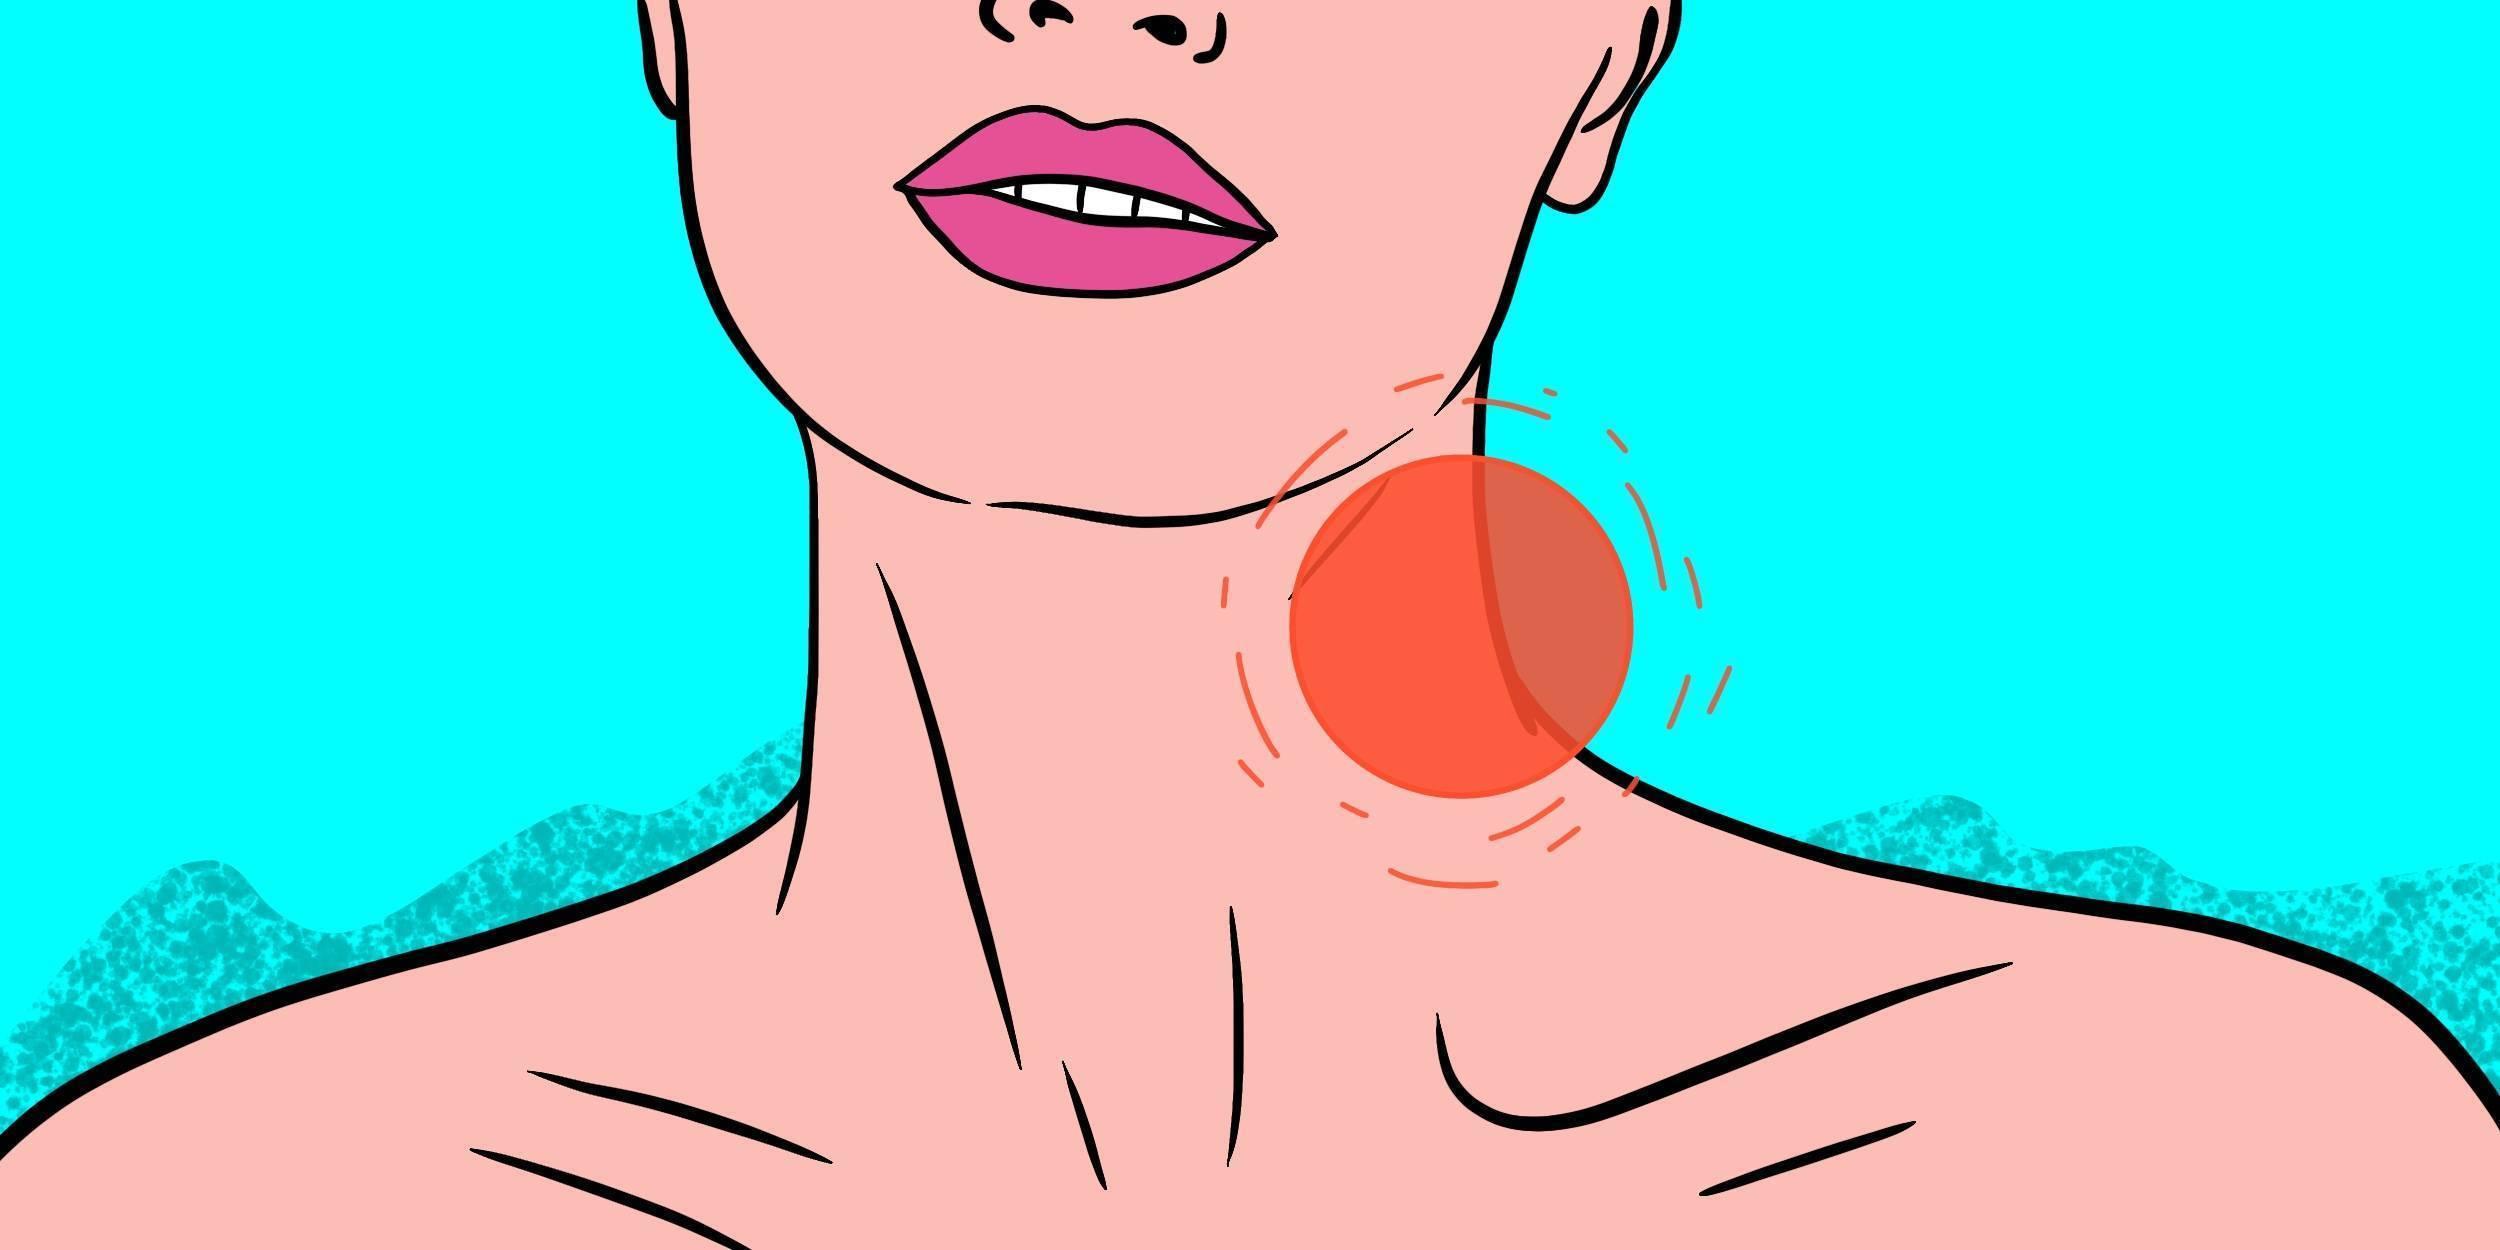 Шейный лимфаденит: симптомы и лечение воспаления лимфоузлов на шее у ребенка